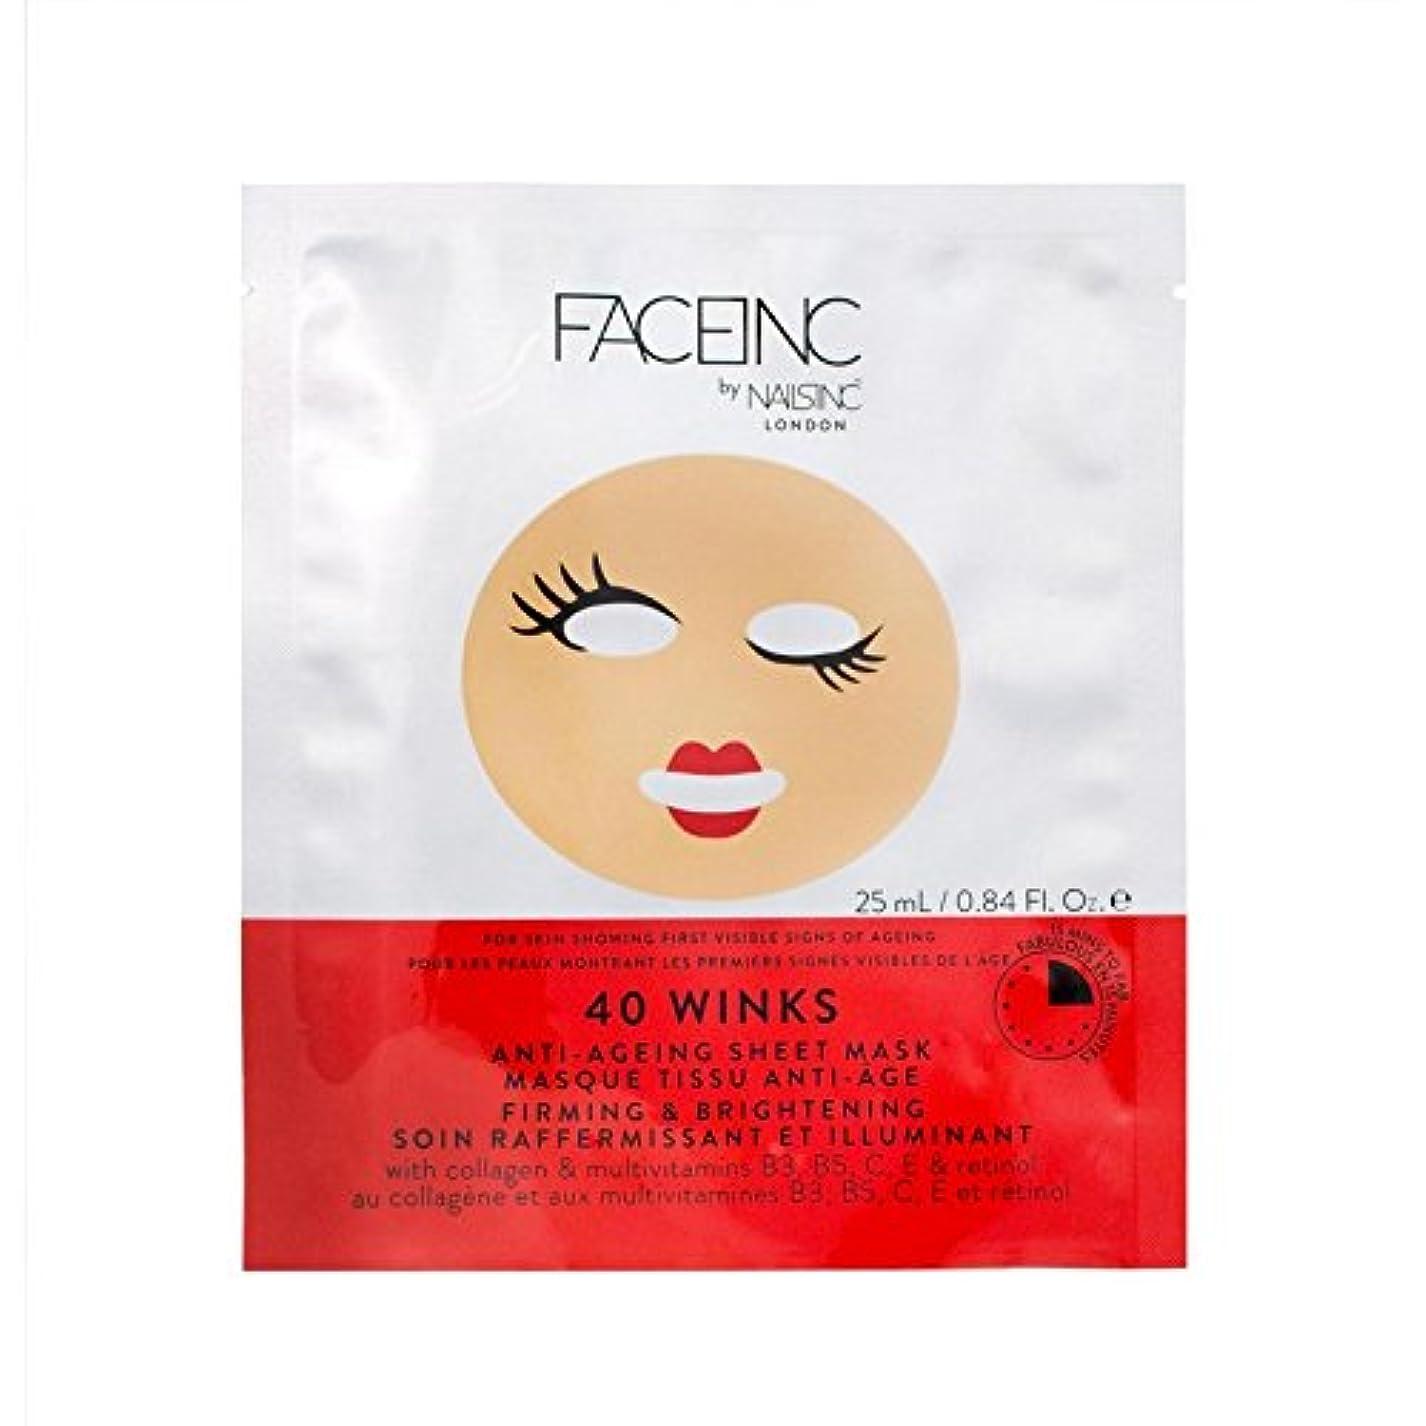 喜劇おじいちゃんだます爪が株式会社顔株式会社40のウィンクは、マスク x4 - Nails Inc. Face Inc 40 Winks Mask (Pack of 4) [並行輸入品]